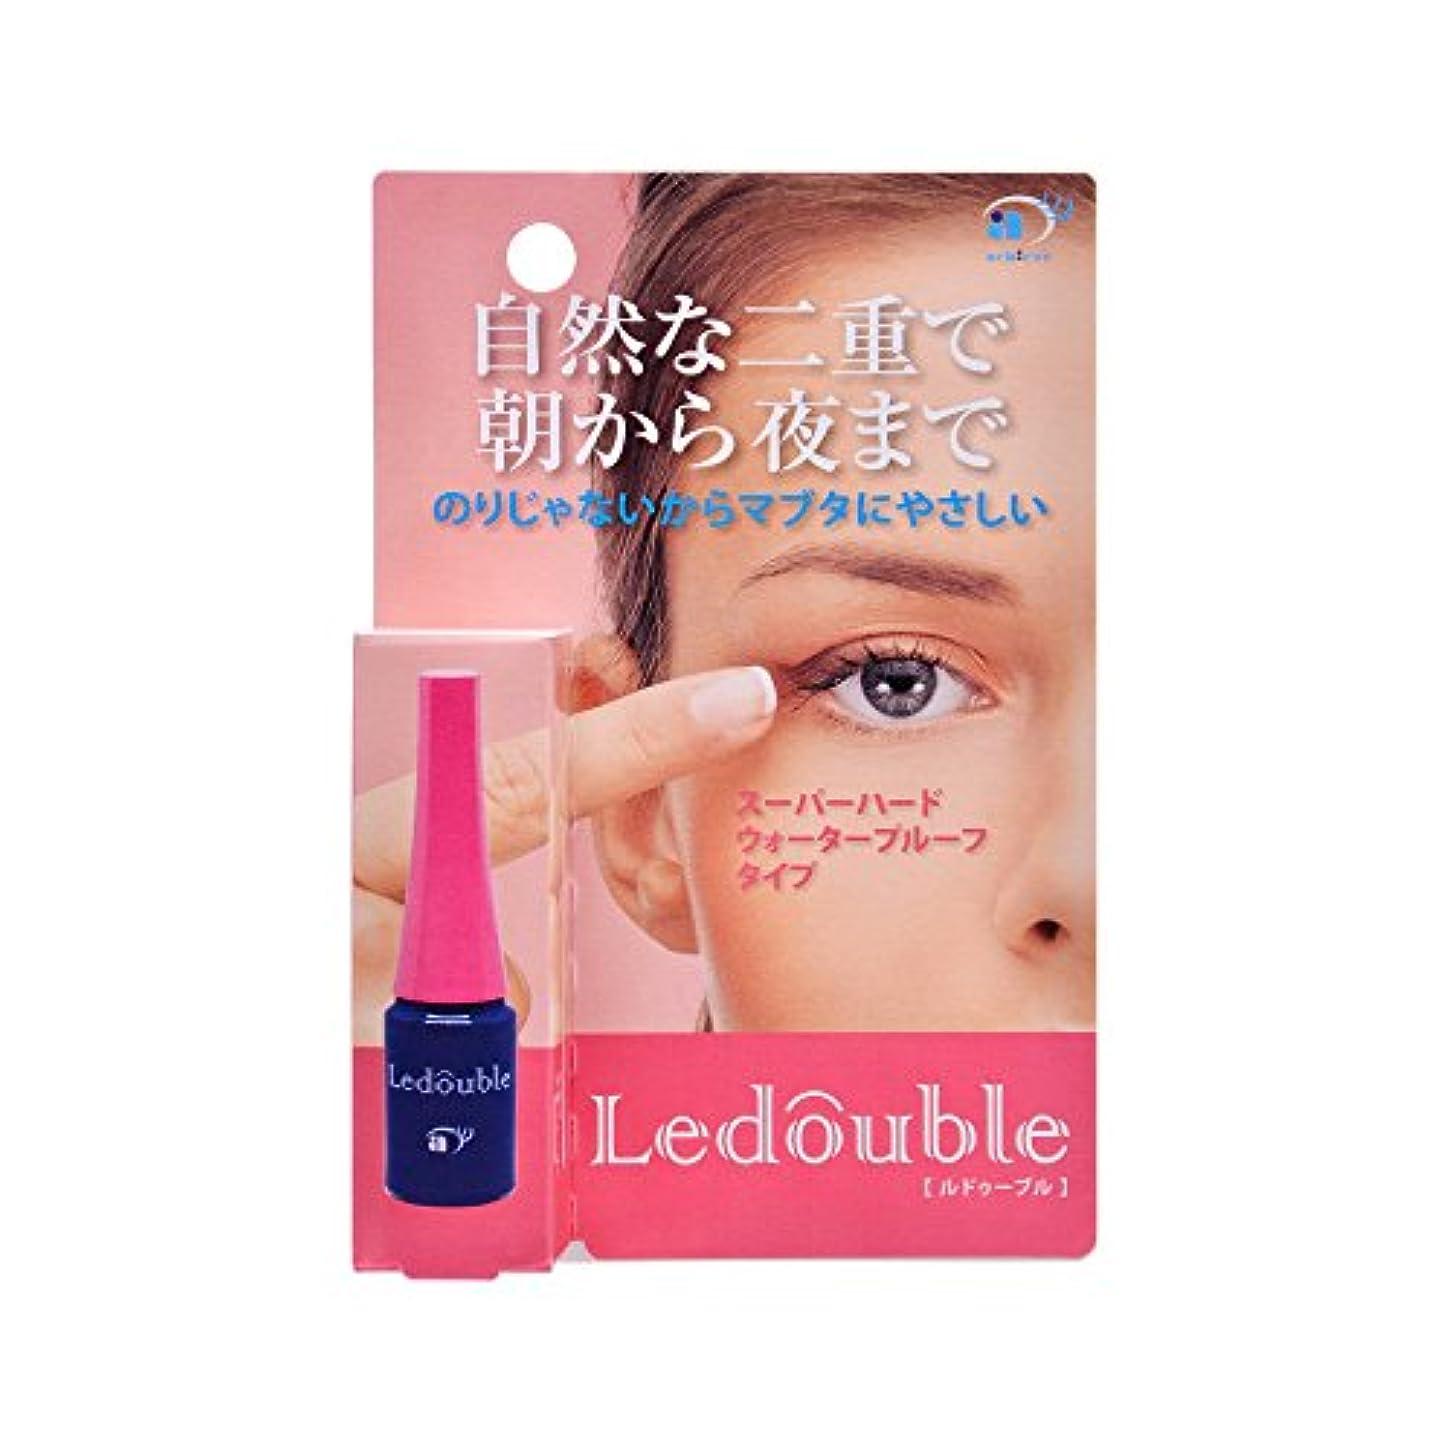 テレマコスチョップ勃起Ledouble [ルドゥーブル] 二重まぶた化粧品 (2mL)